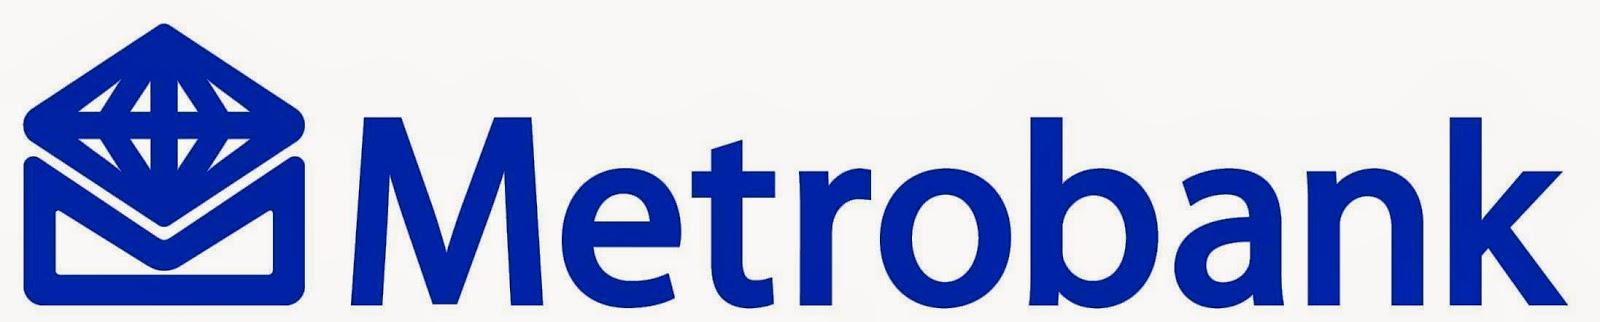 METROBANK - Php 500 Cash BackPromo